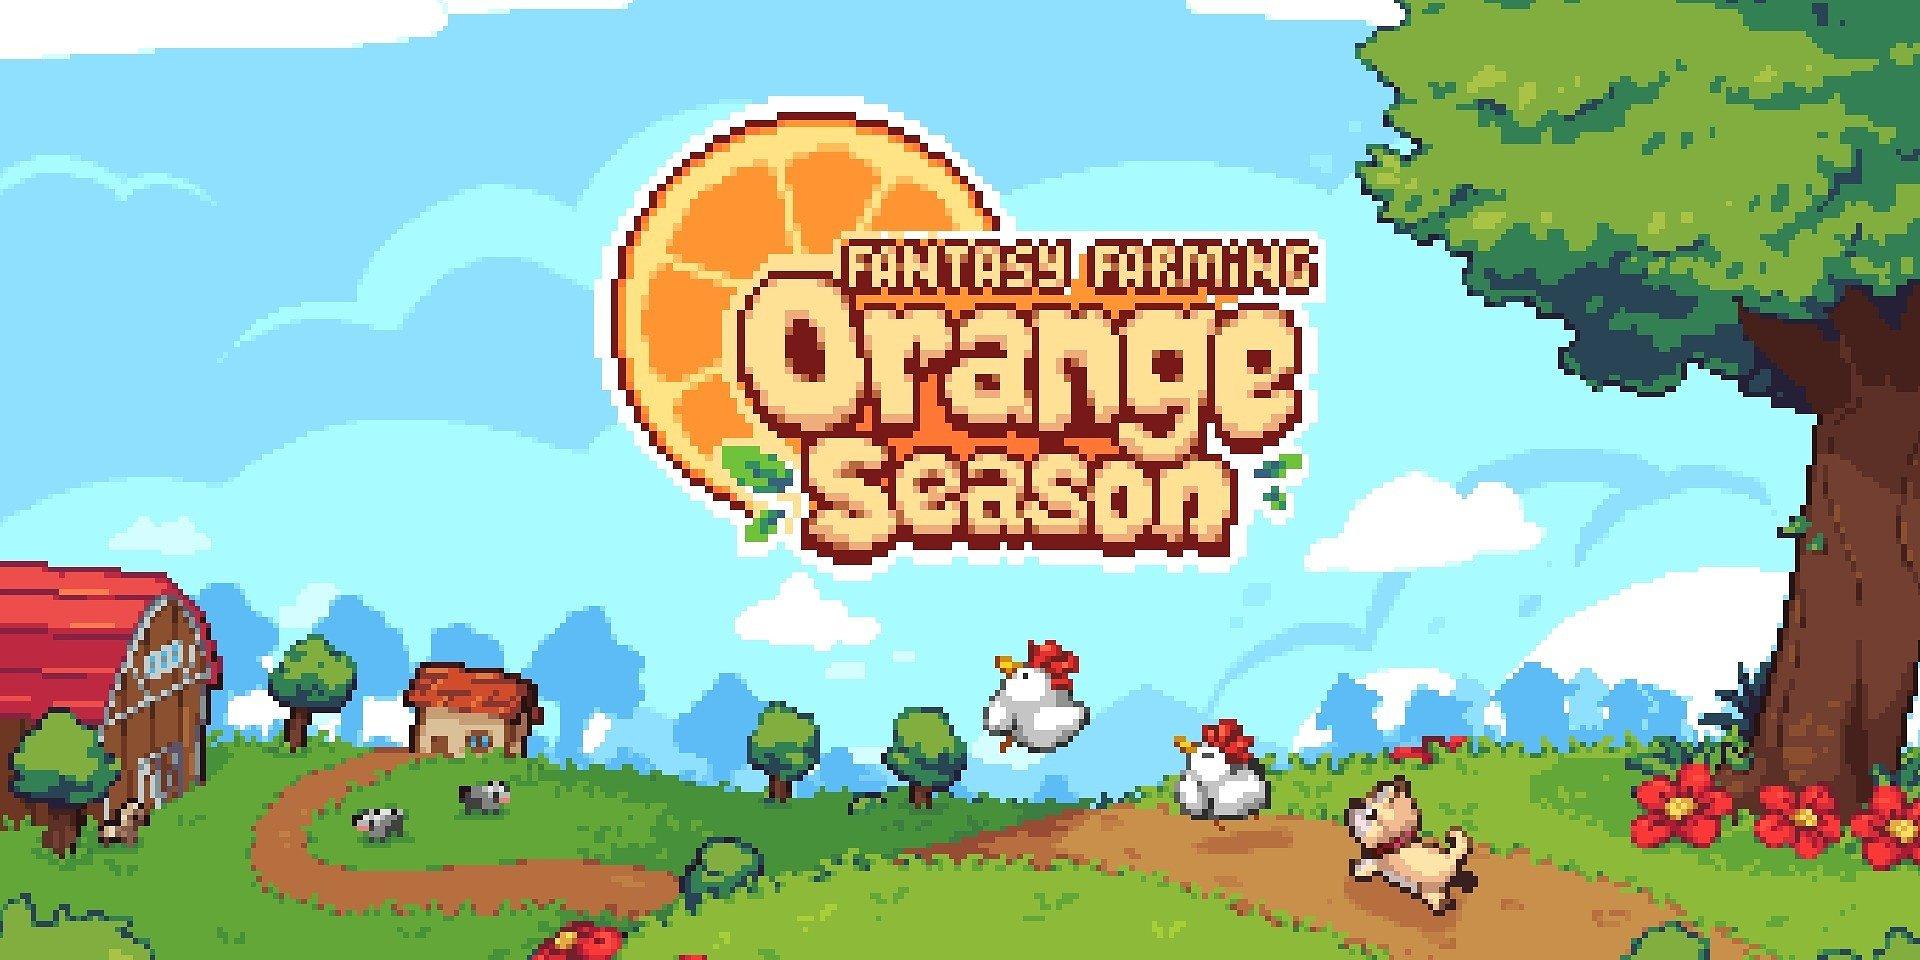 """Fantasy Farming: Orange Season - игра жанра """"ферма"""" с элементами RPG, встречает новых жителей обновленным геймплеем!"""